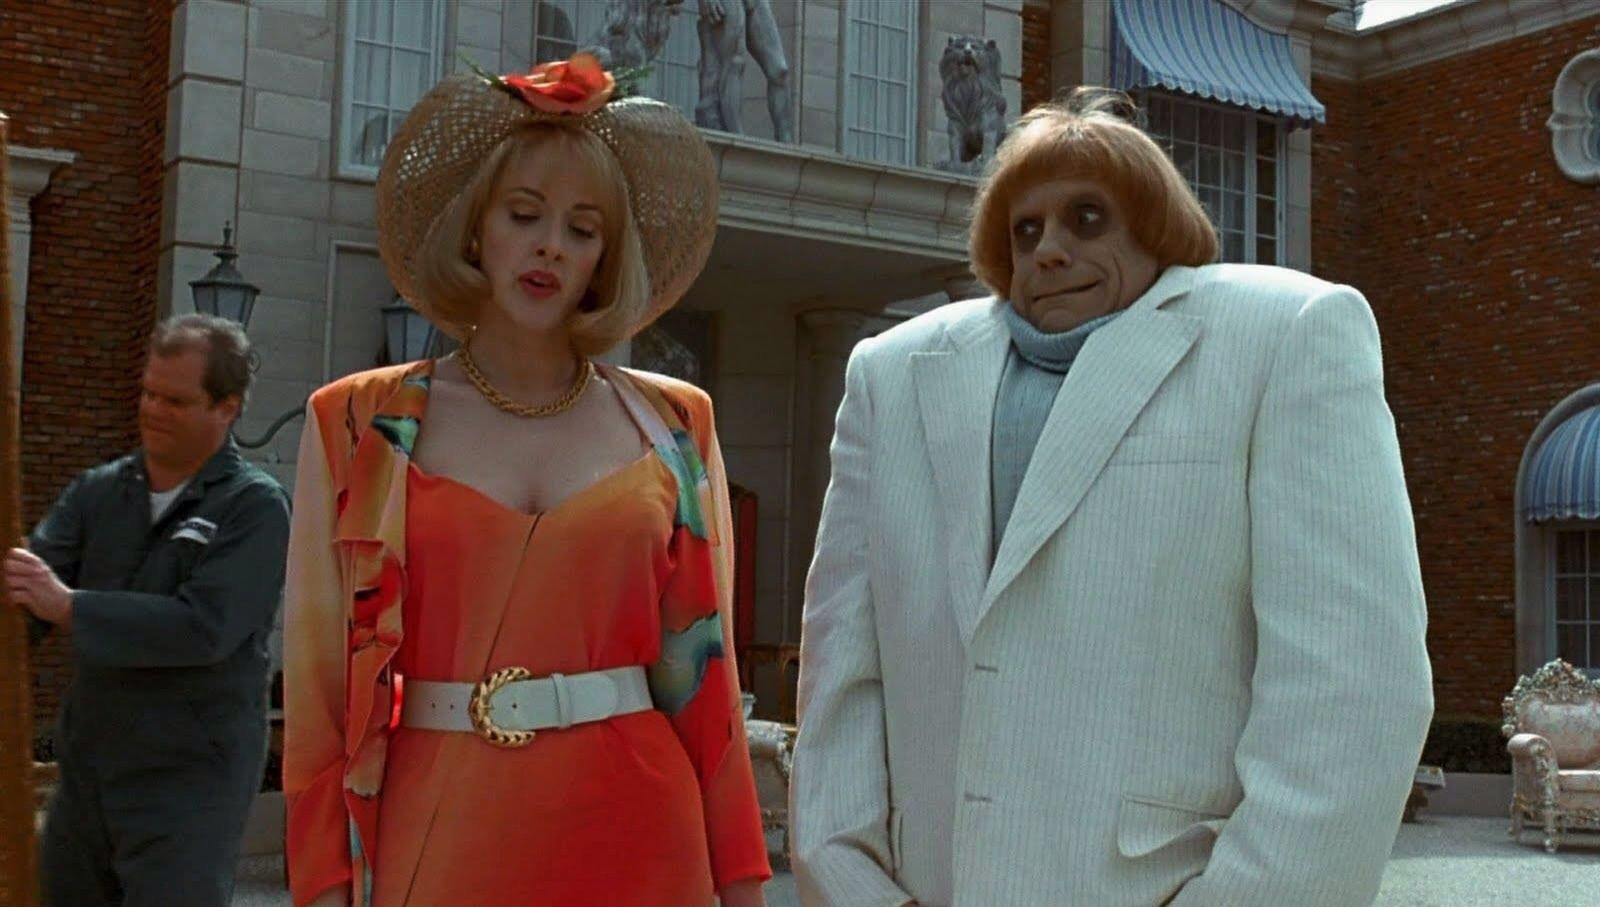 Debbie Y Lucas La Familia Addams Videos De Noticias Películas Indie